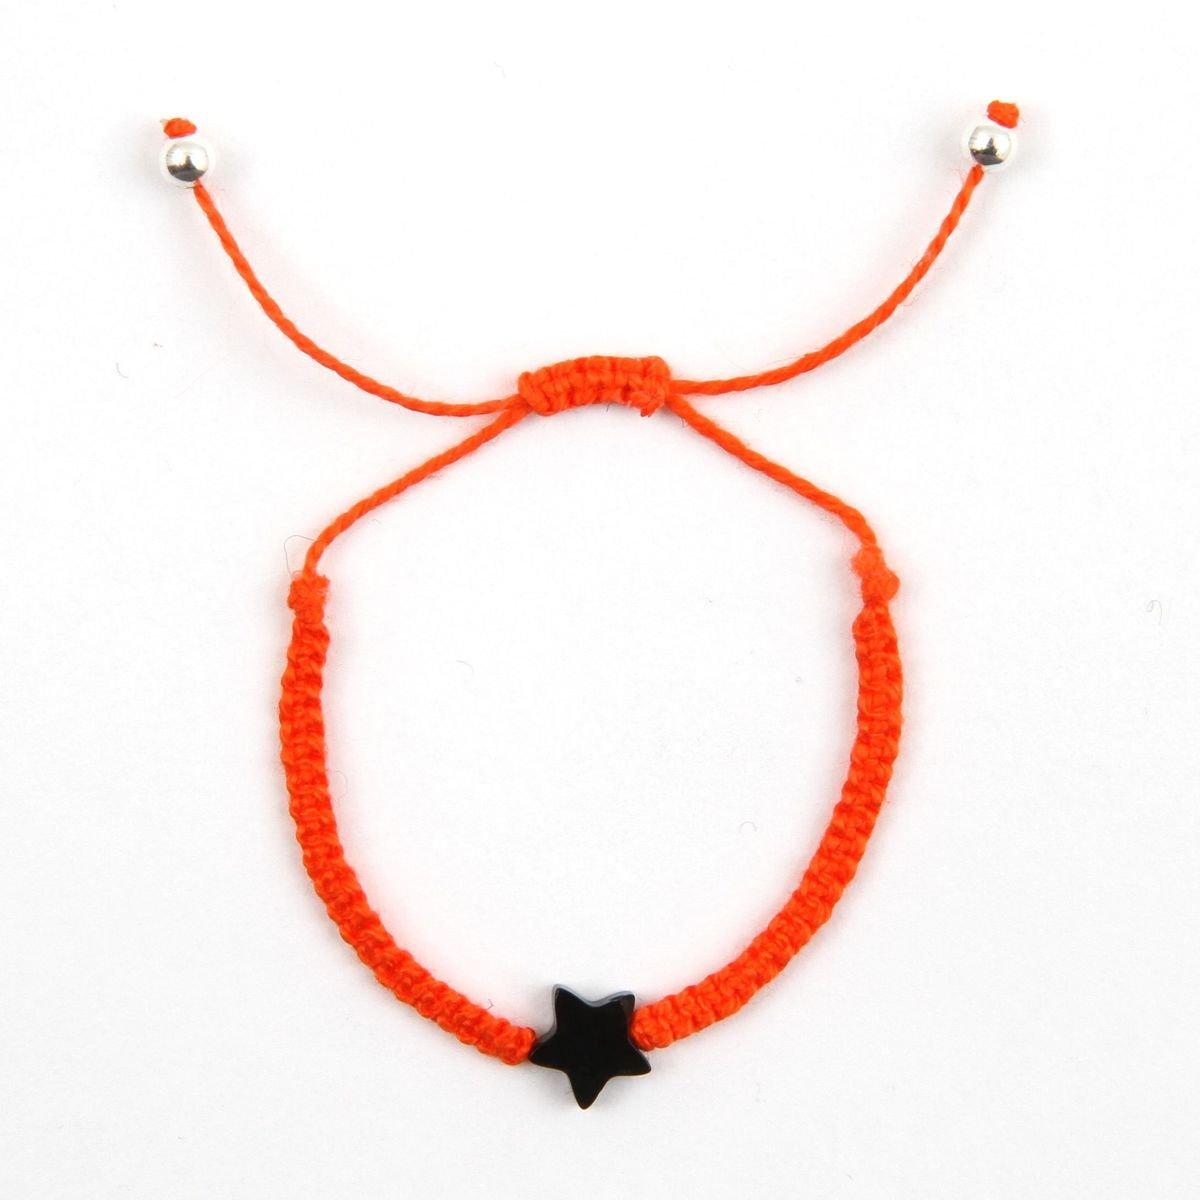 深橙色可調節縞瑪瑙手繩_BRBR5E209DO